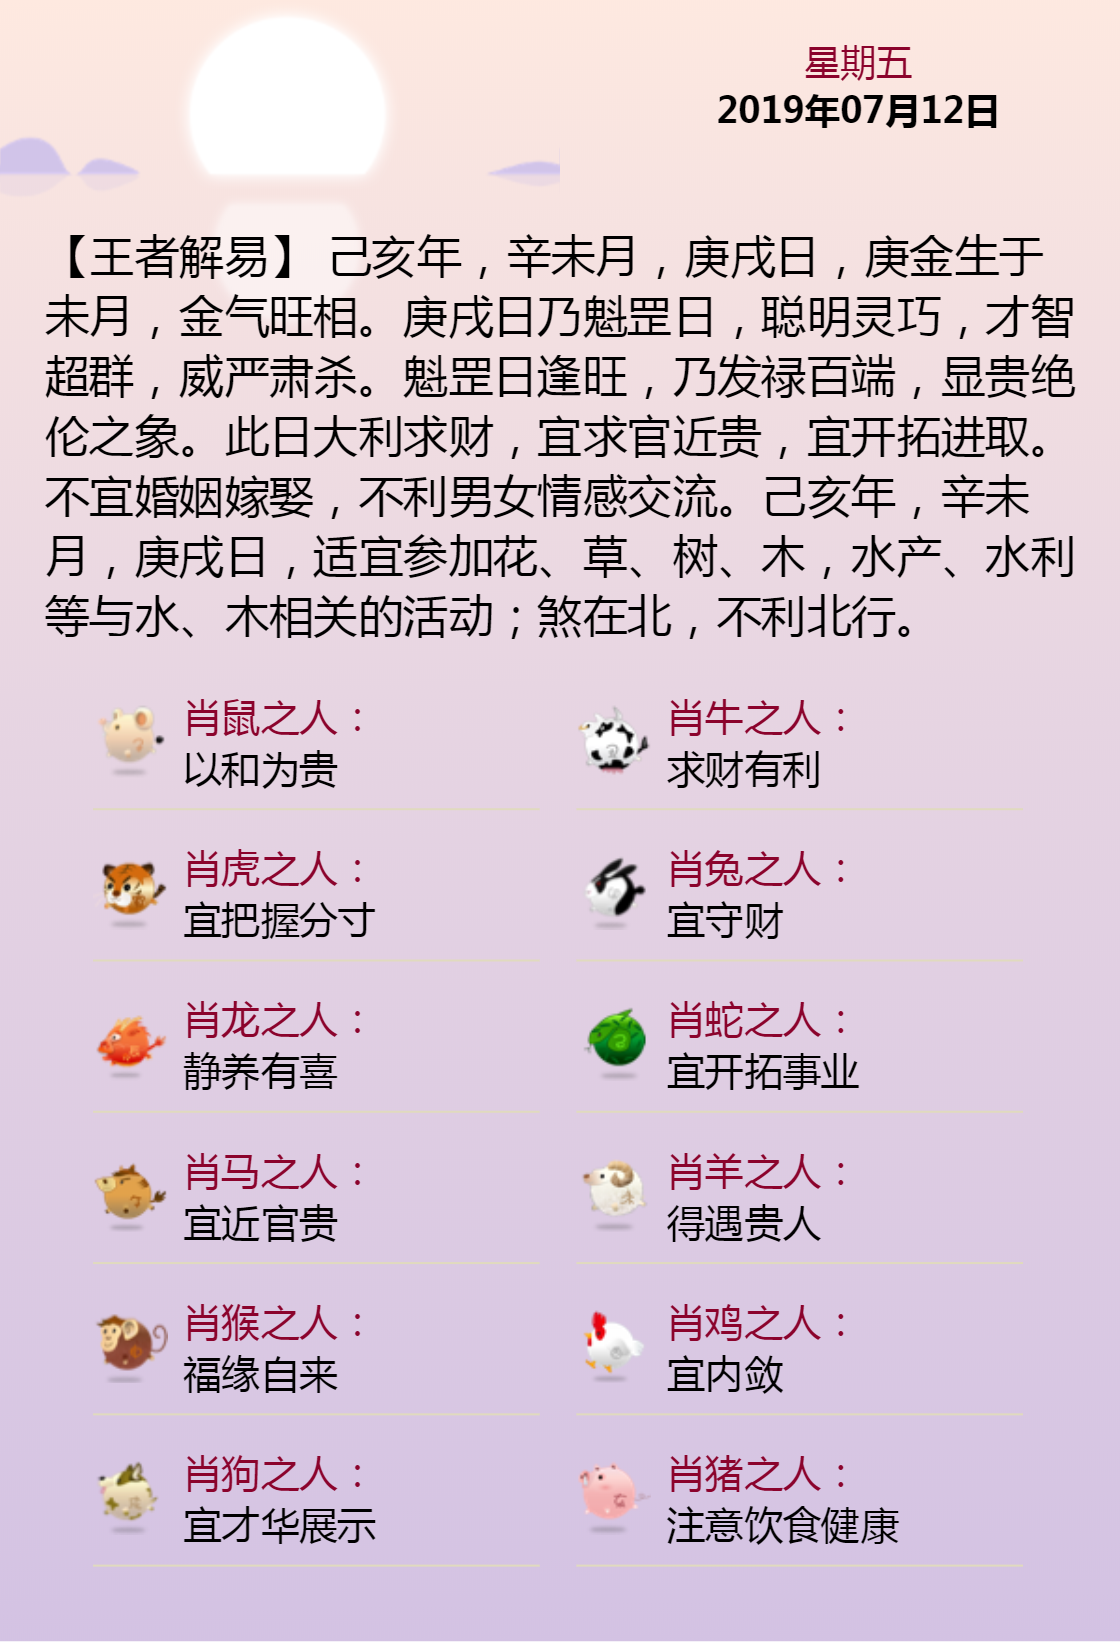 黄历海报20190712.png